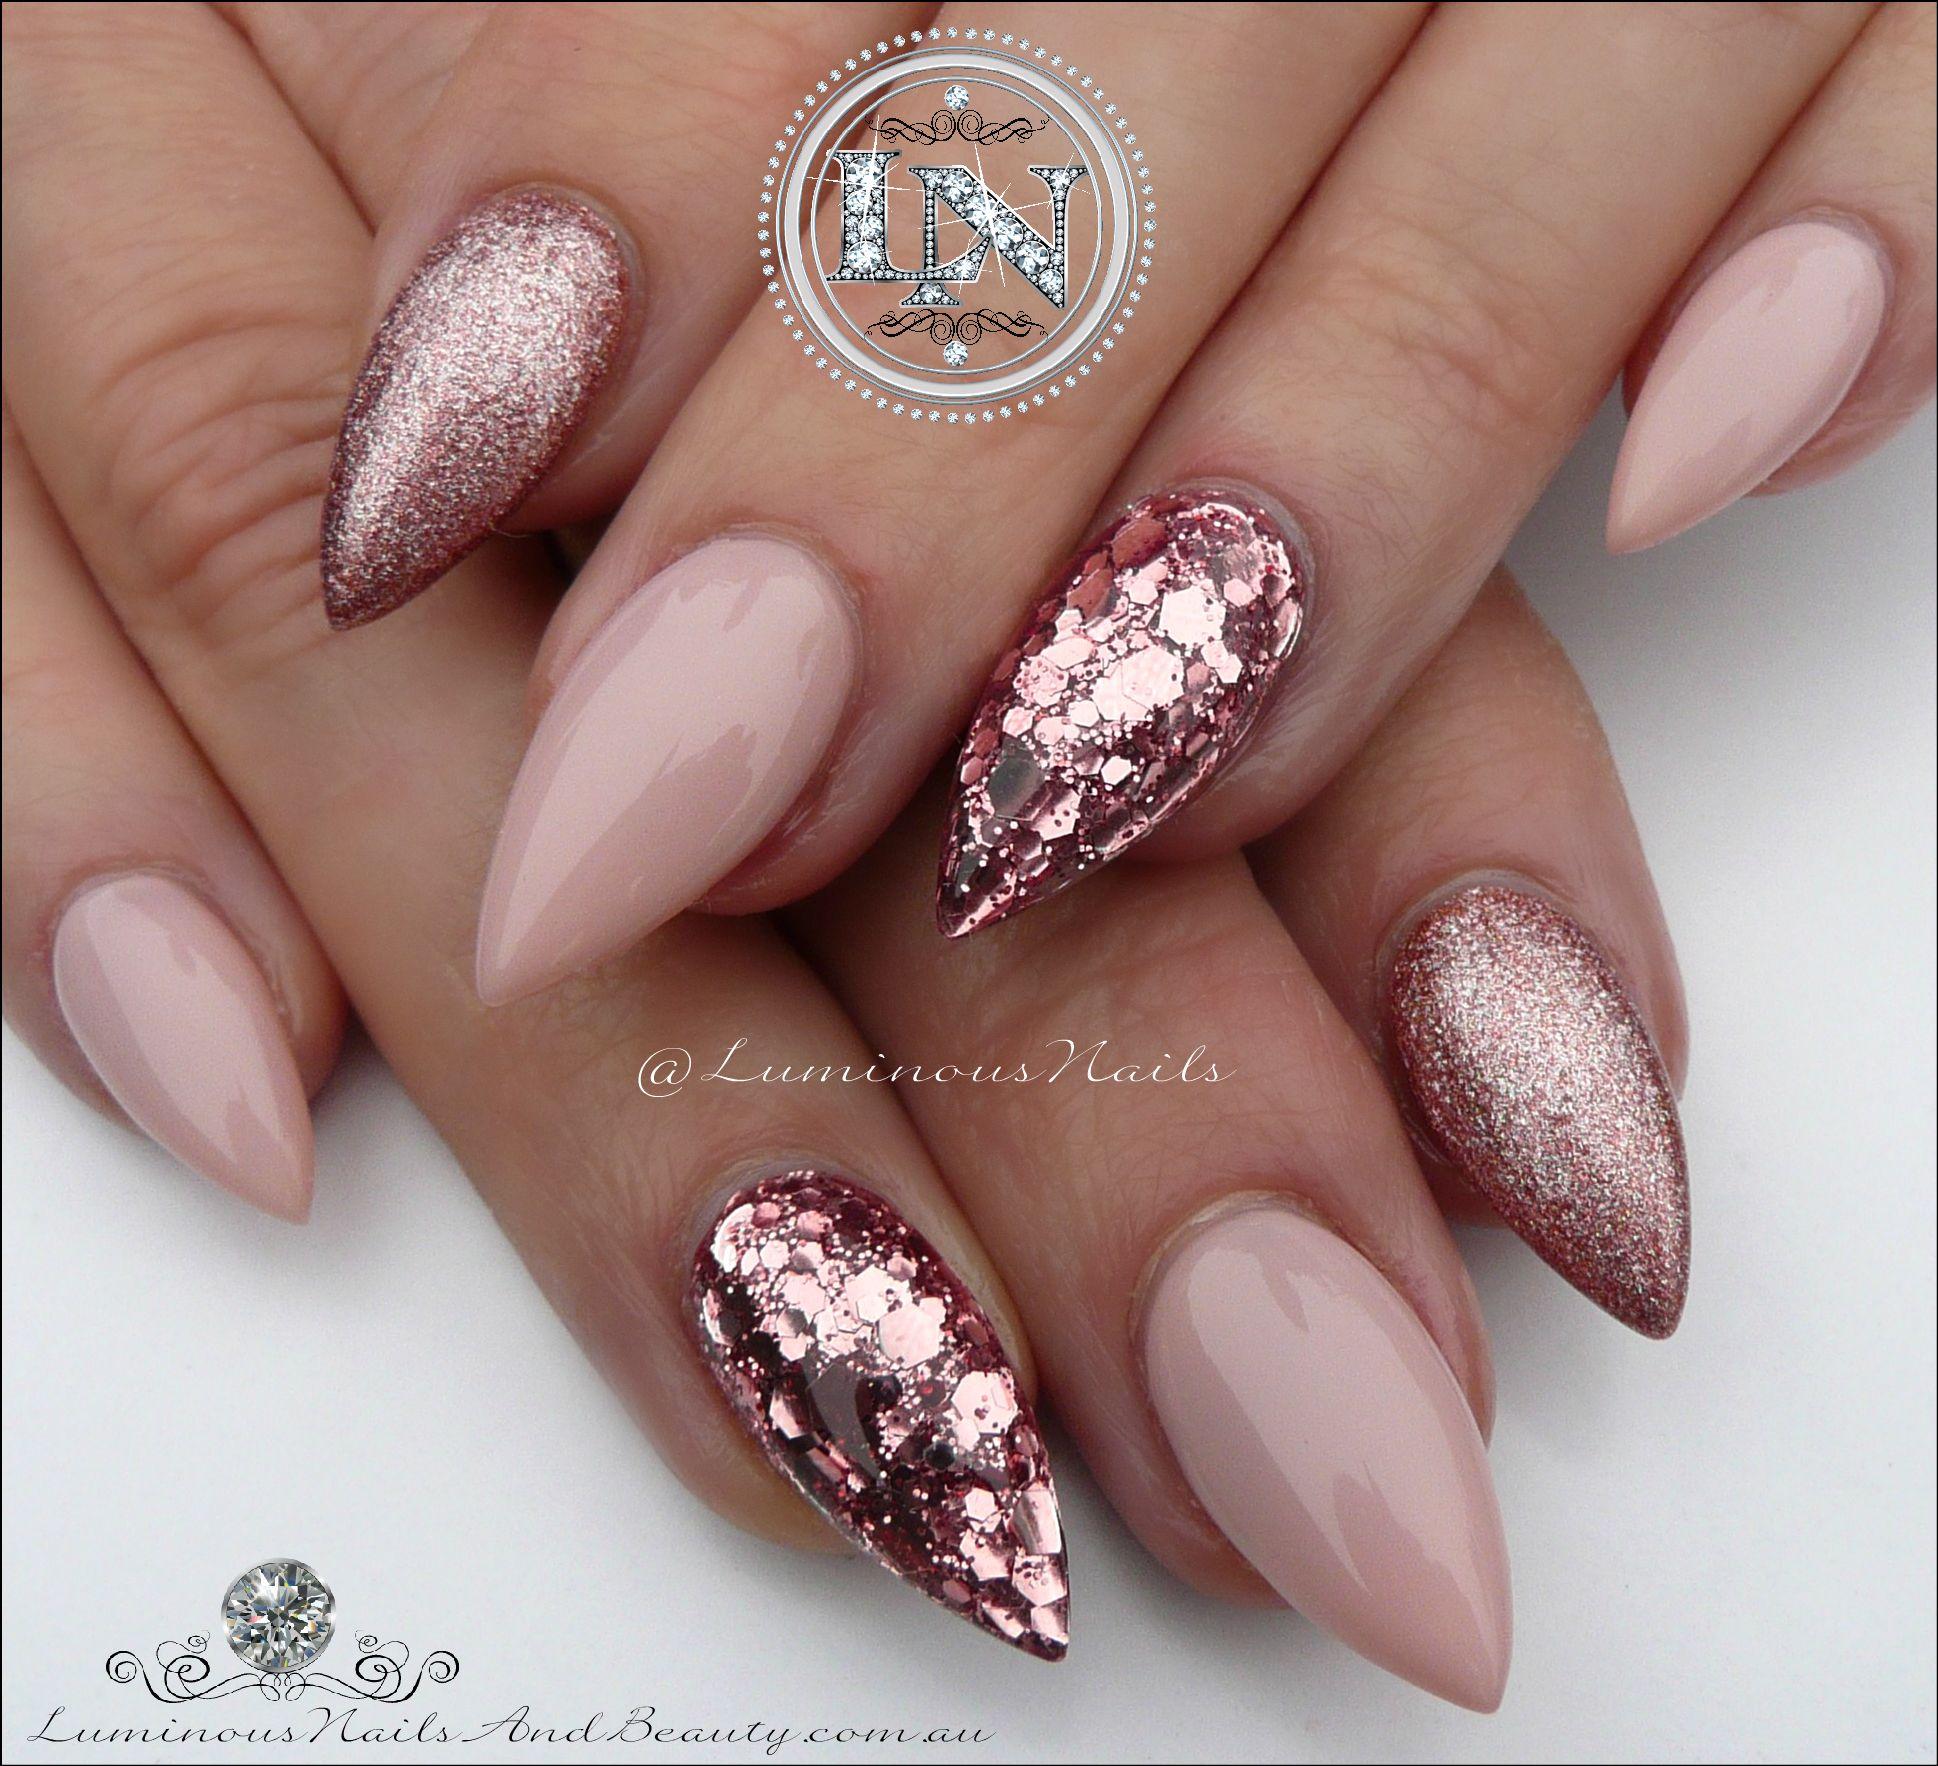 Luminous Nails Beauty Gold Coast Qld Rose Gold Nails Soft Pink Nails Cute Nails Quality Nails Acrylic Gel Nails Luminous Nails Gold Nails Rose Gold Nails